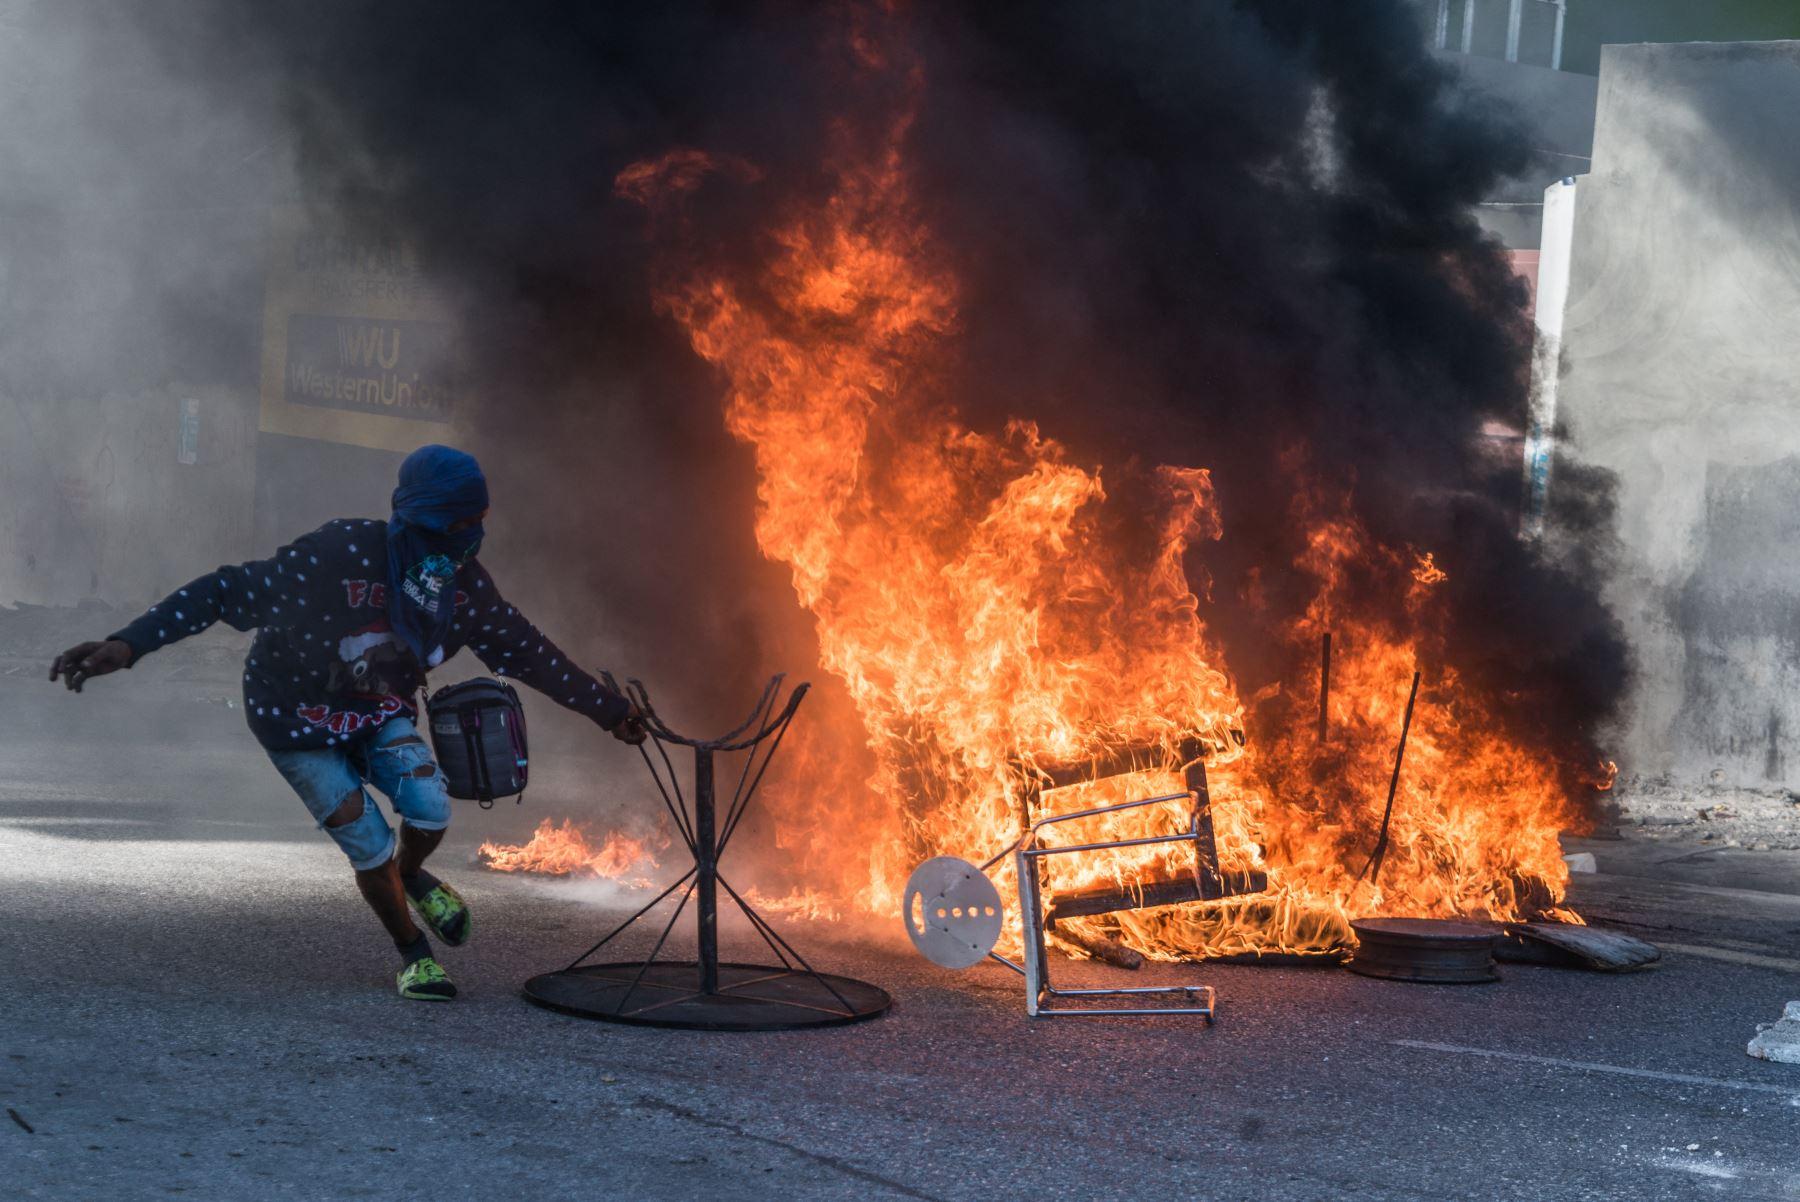 hartazgo-en-haiti-por-secuestros-indiscriminados-saca-a-la-gente-a-la-calle